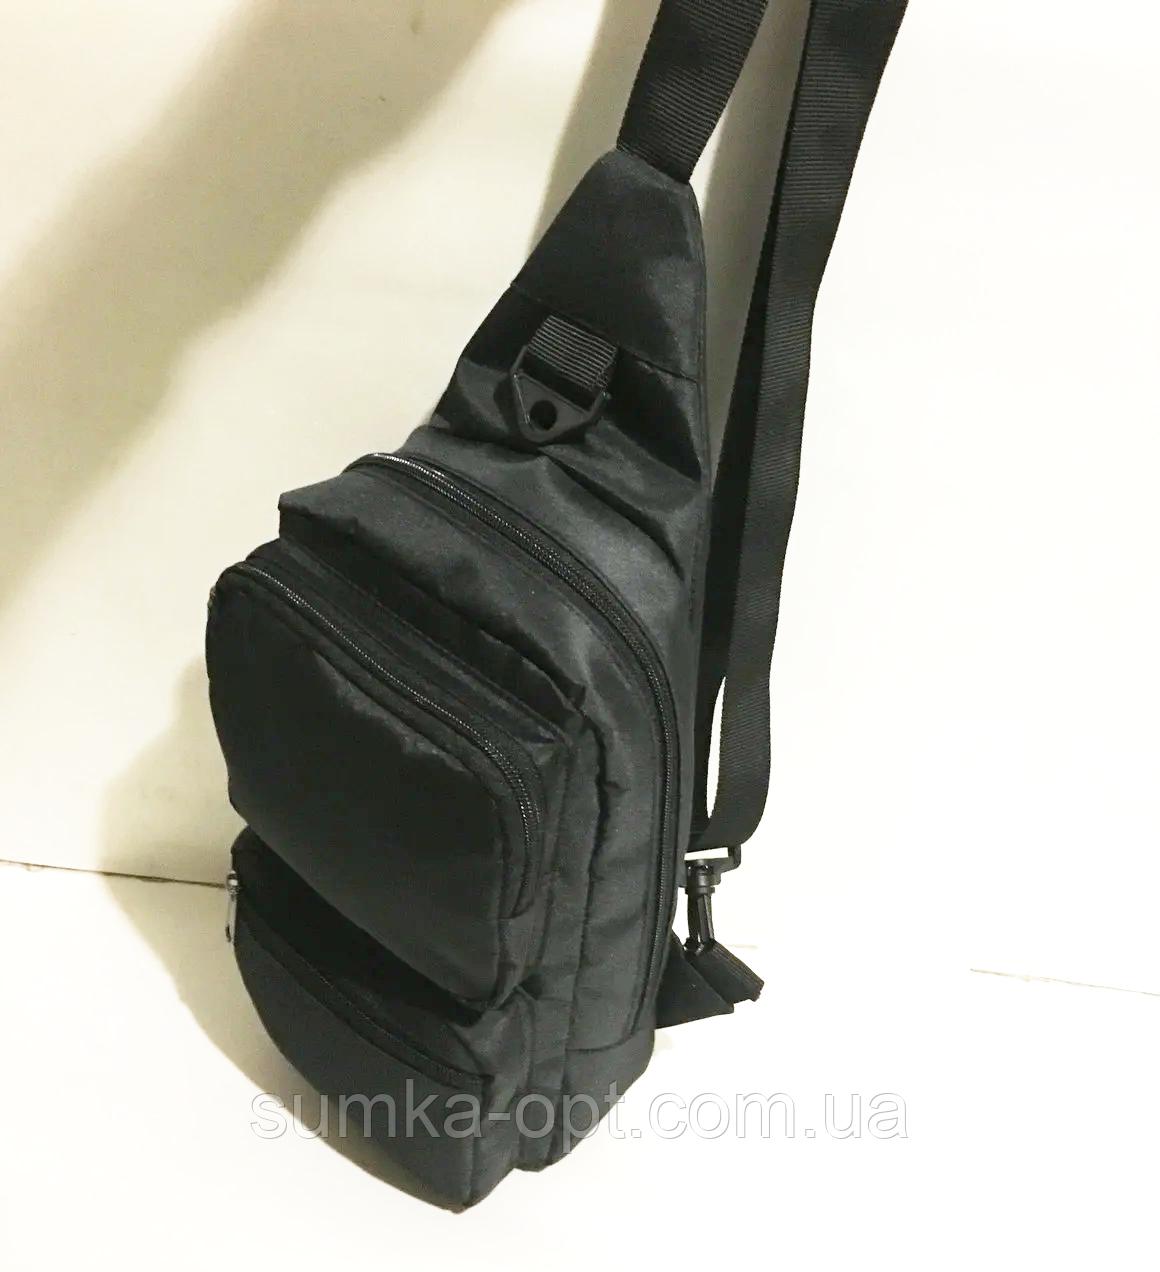 Мужские сумки мессенджеры через плечо (ЧЕРНЫЙ)18*40см